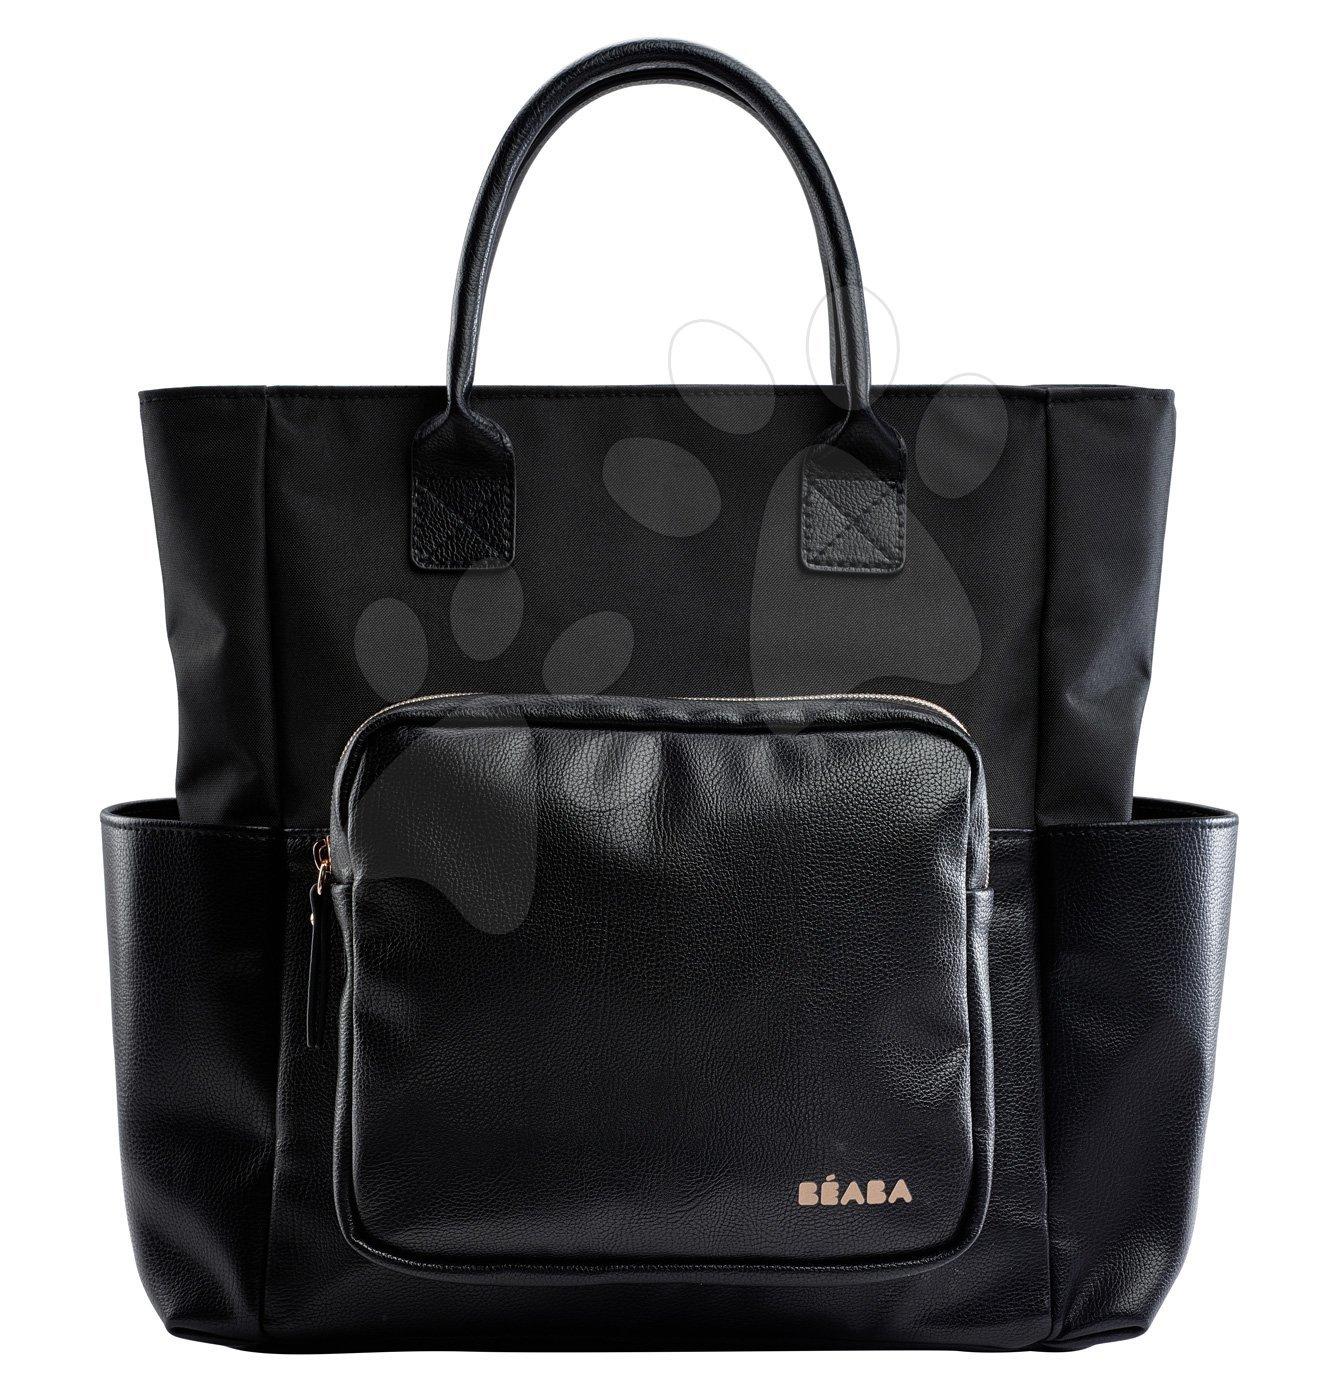 Previjalna torba za vozičke Kyoto Beaba črna/rožnato zlata